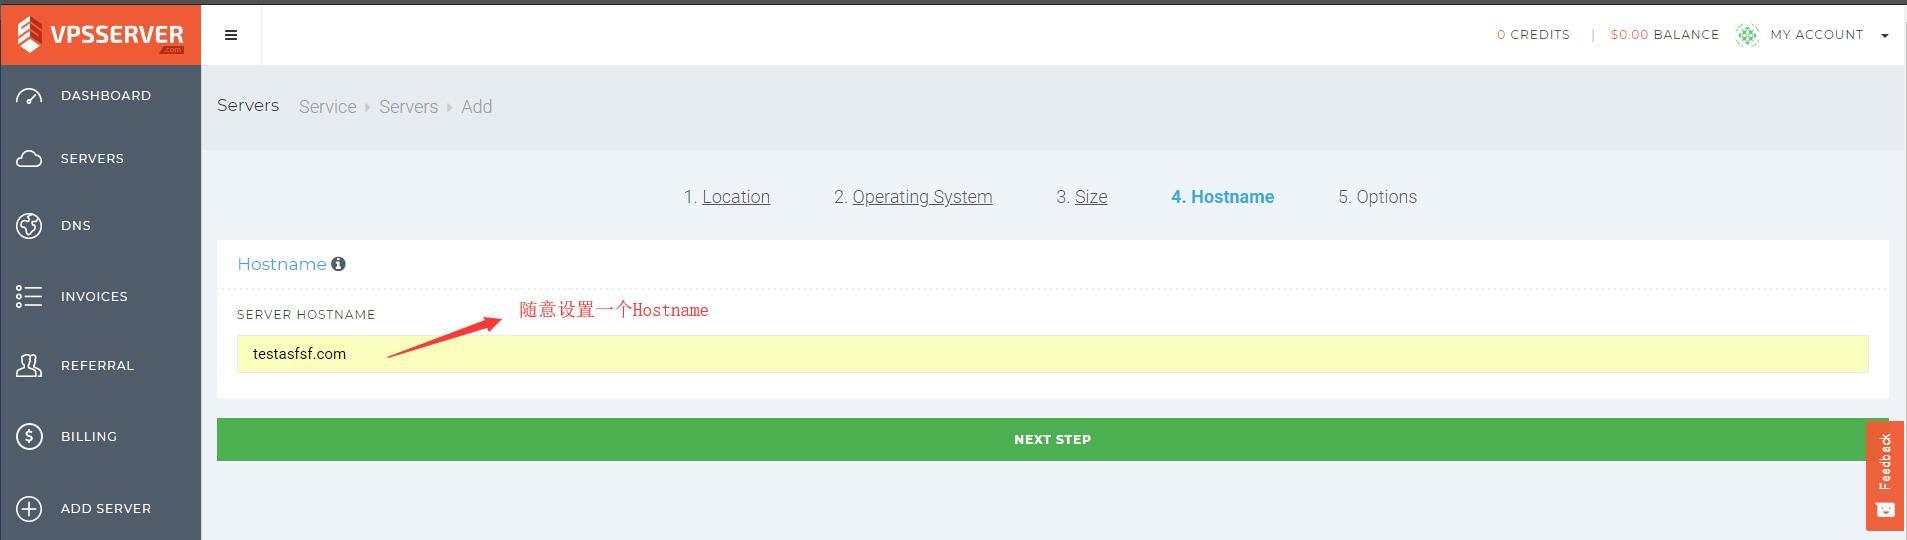 VPSServer Hostname 设置